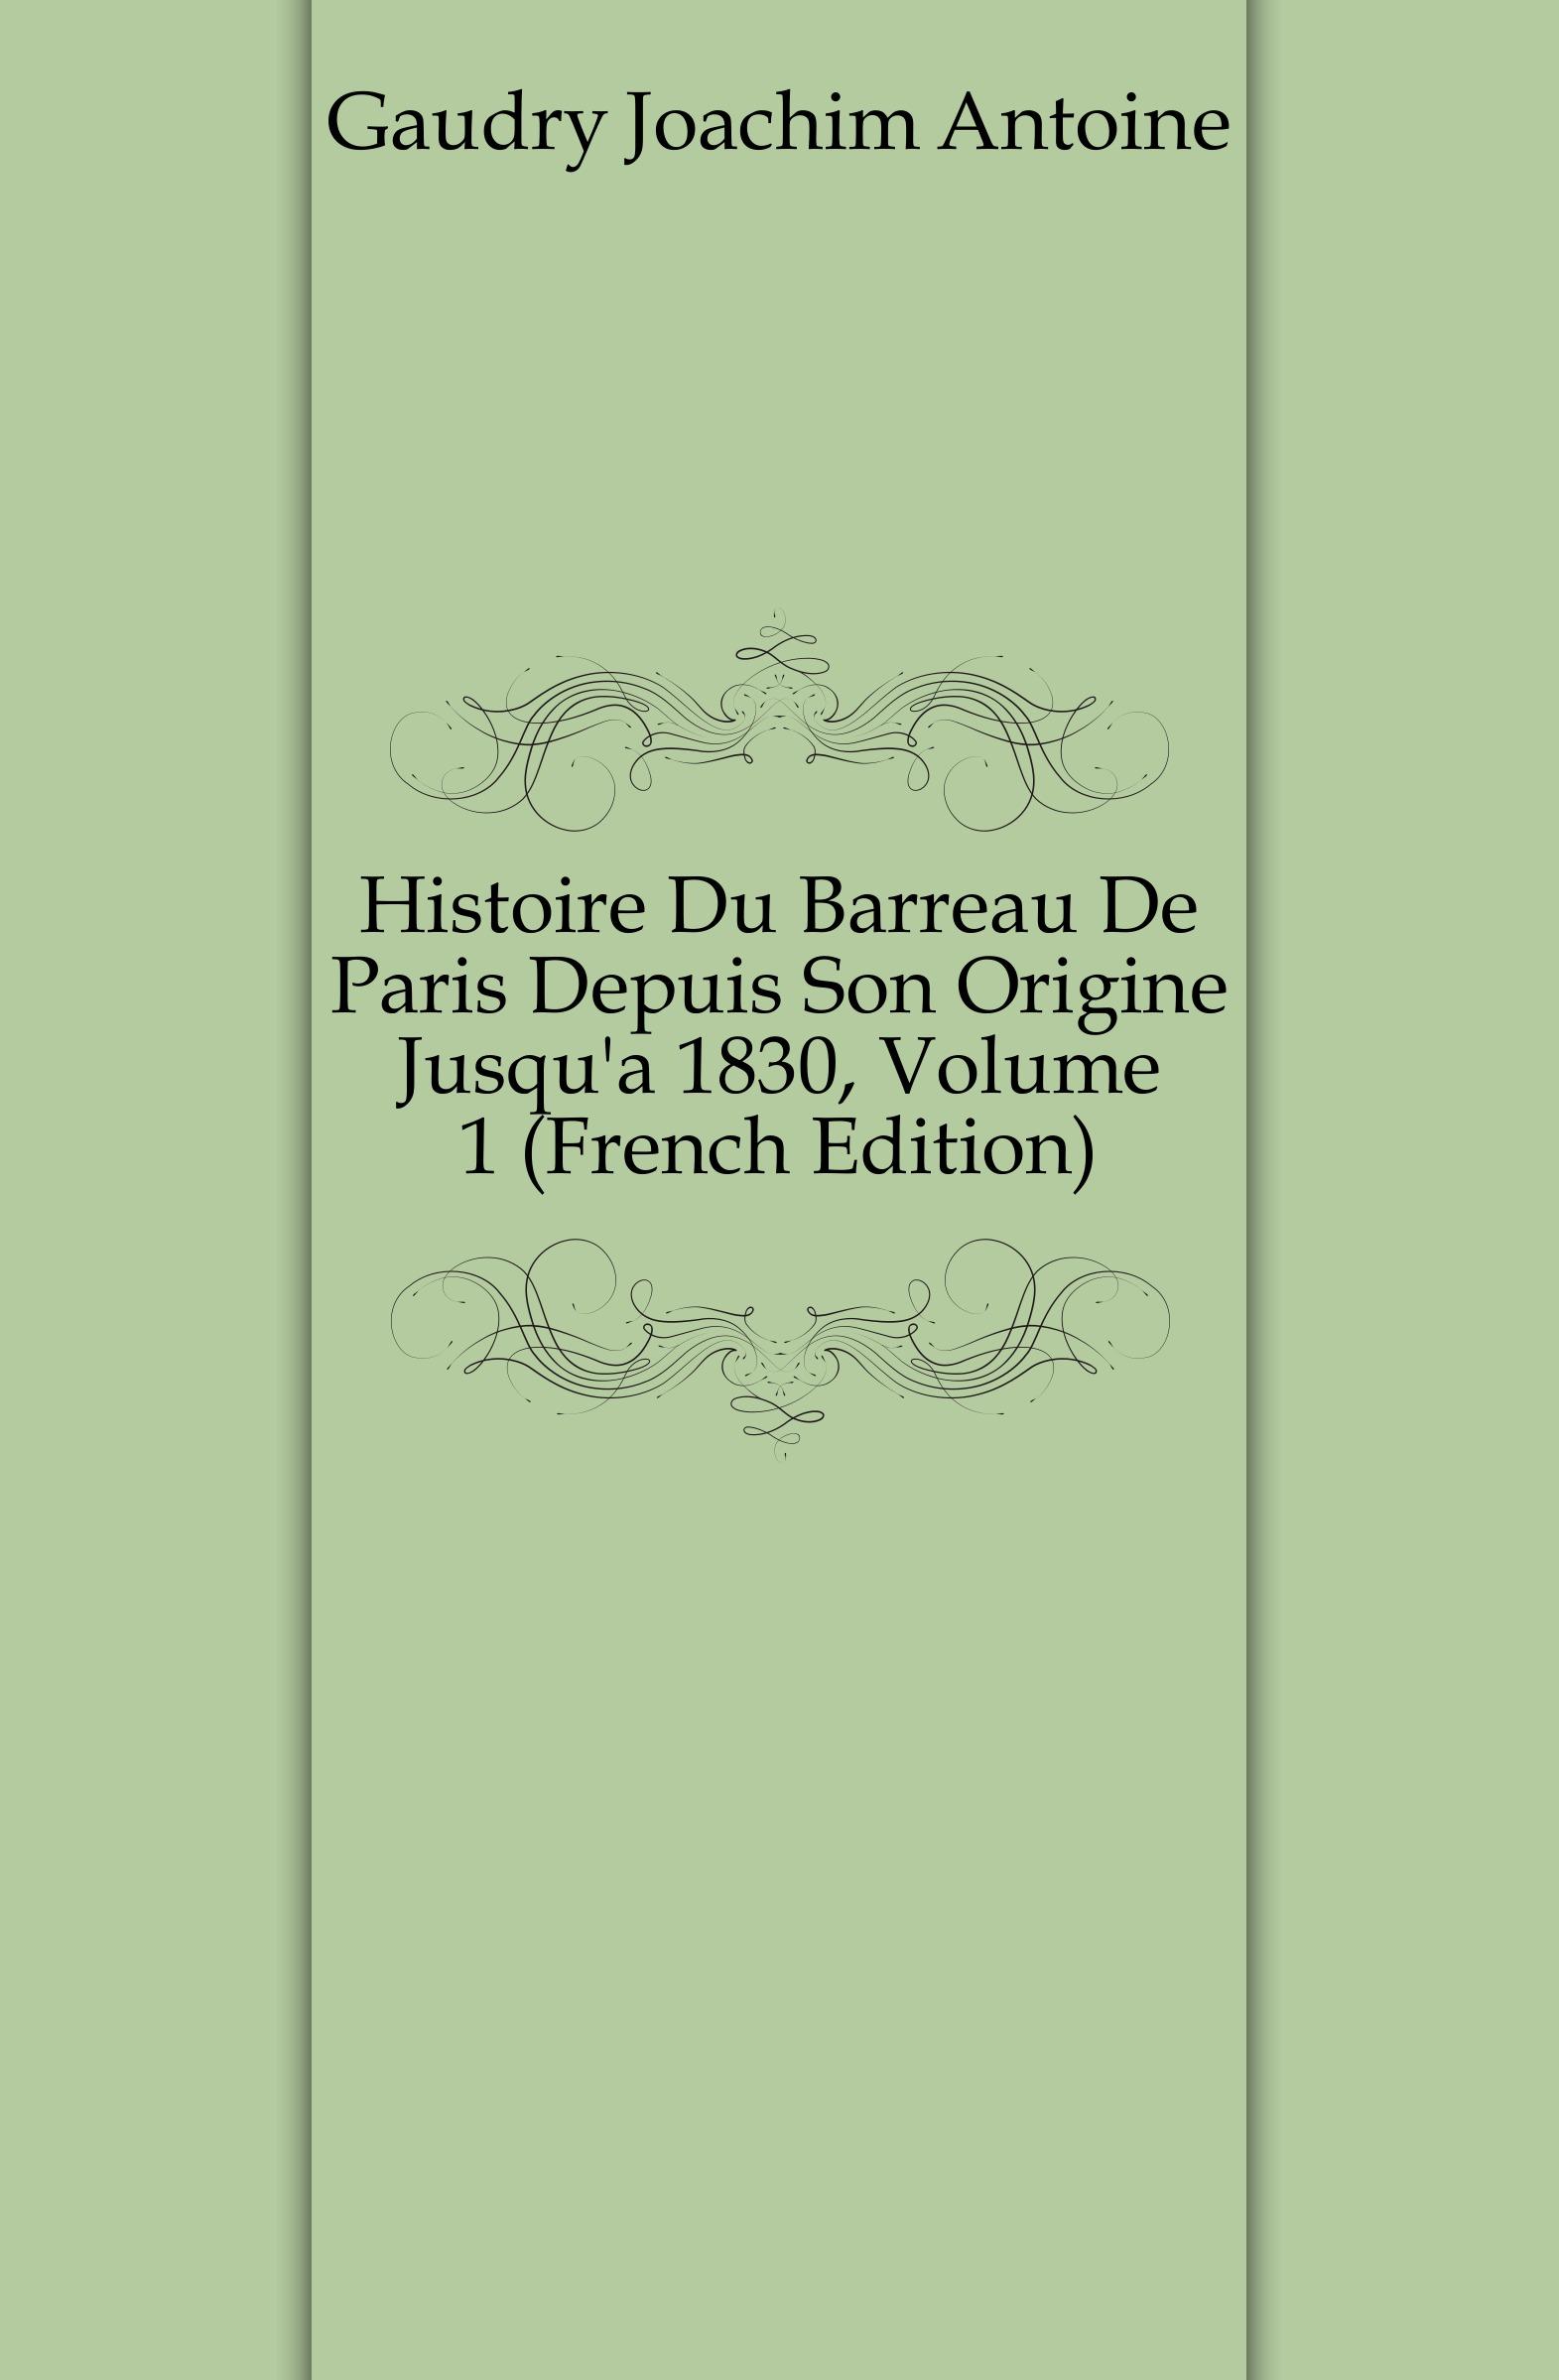 Gaudry Joachim Antoine Histoire Du Barreau De Paris Depuis Son Origine Jusqu.a 1830, Volume 1 (French Edition)